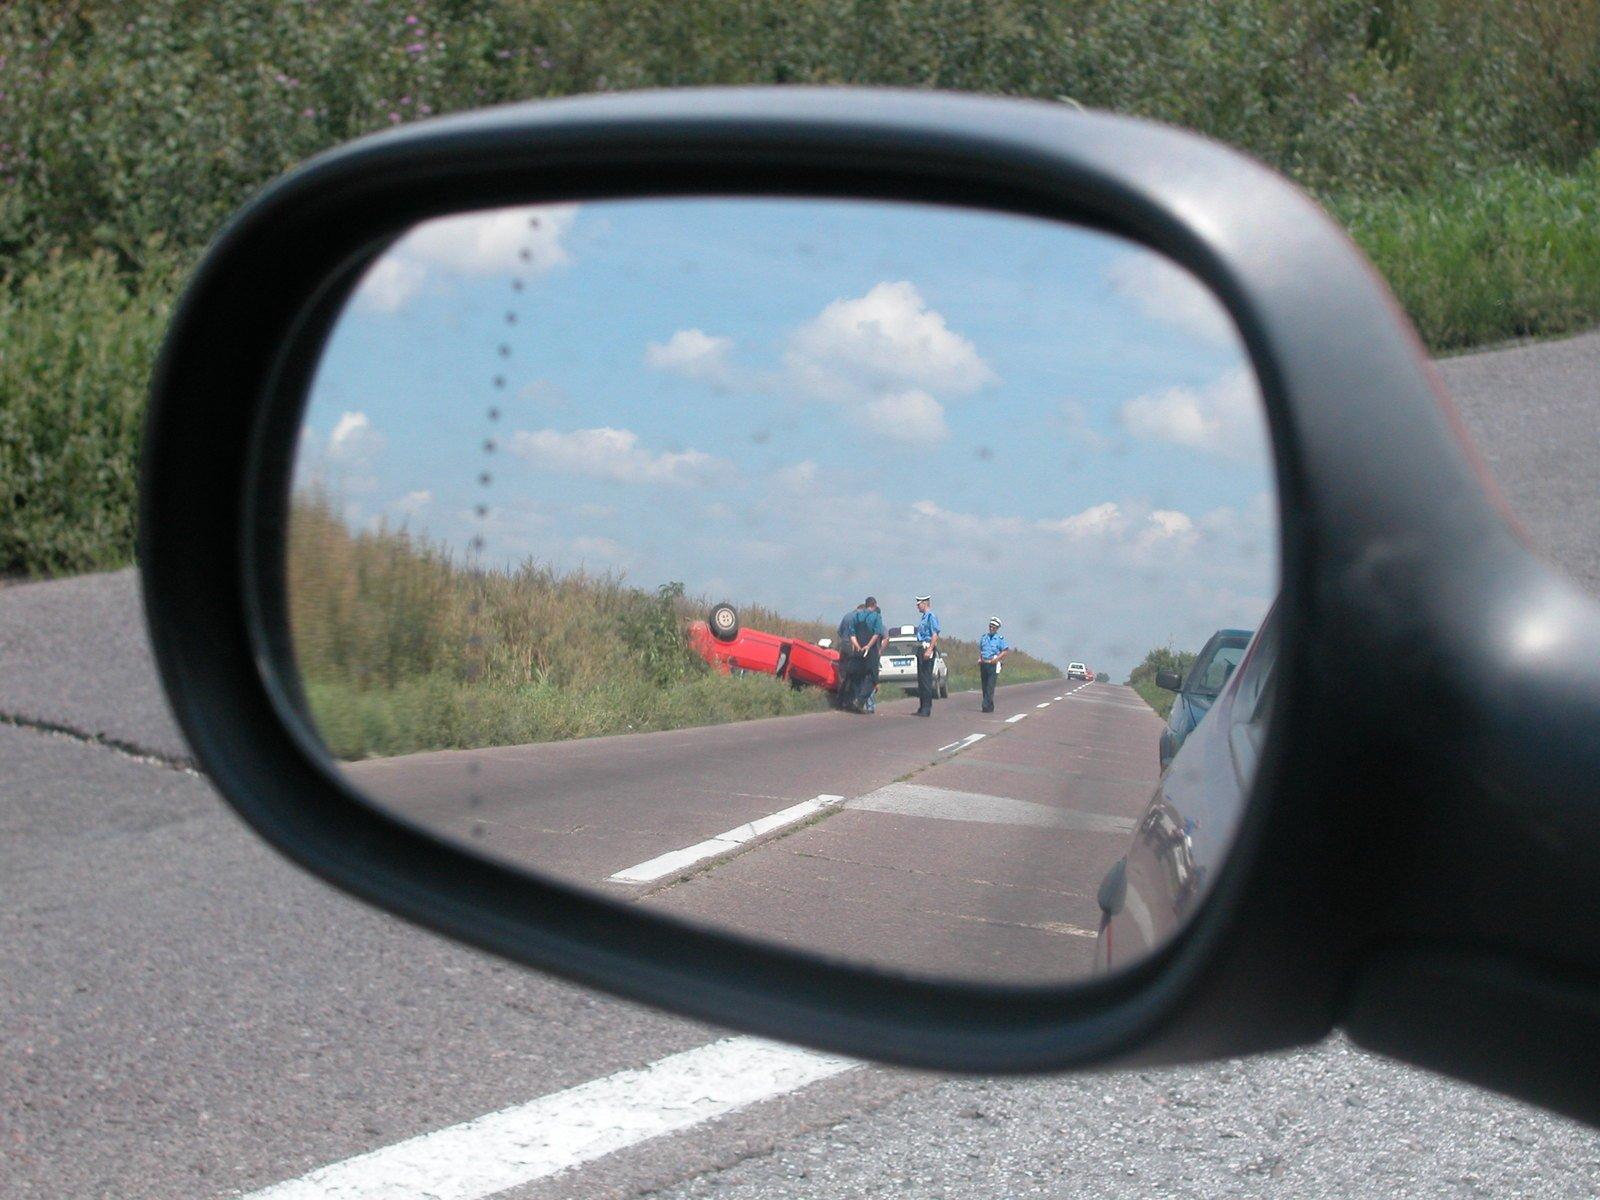 Car accident 5